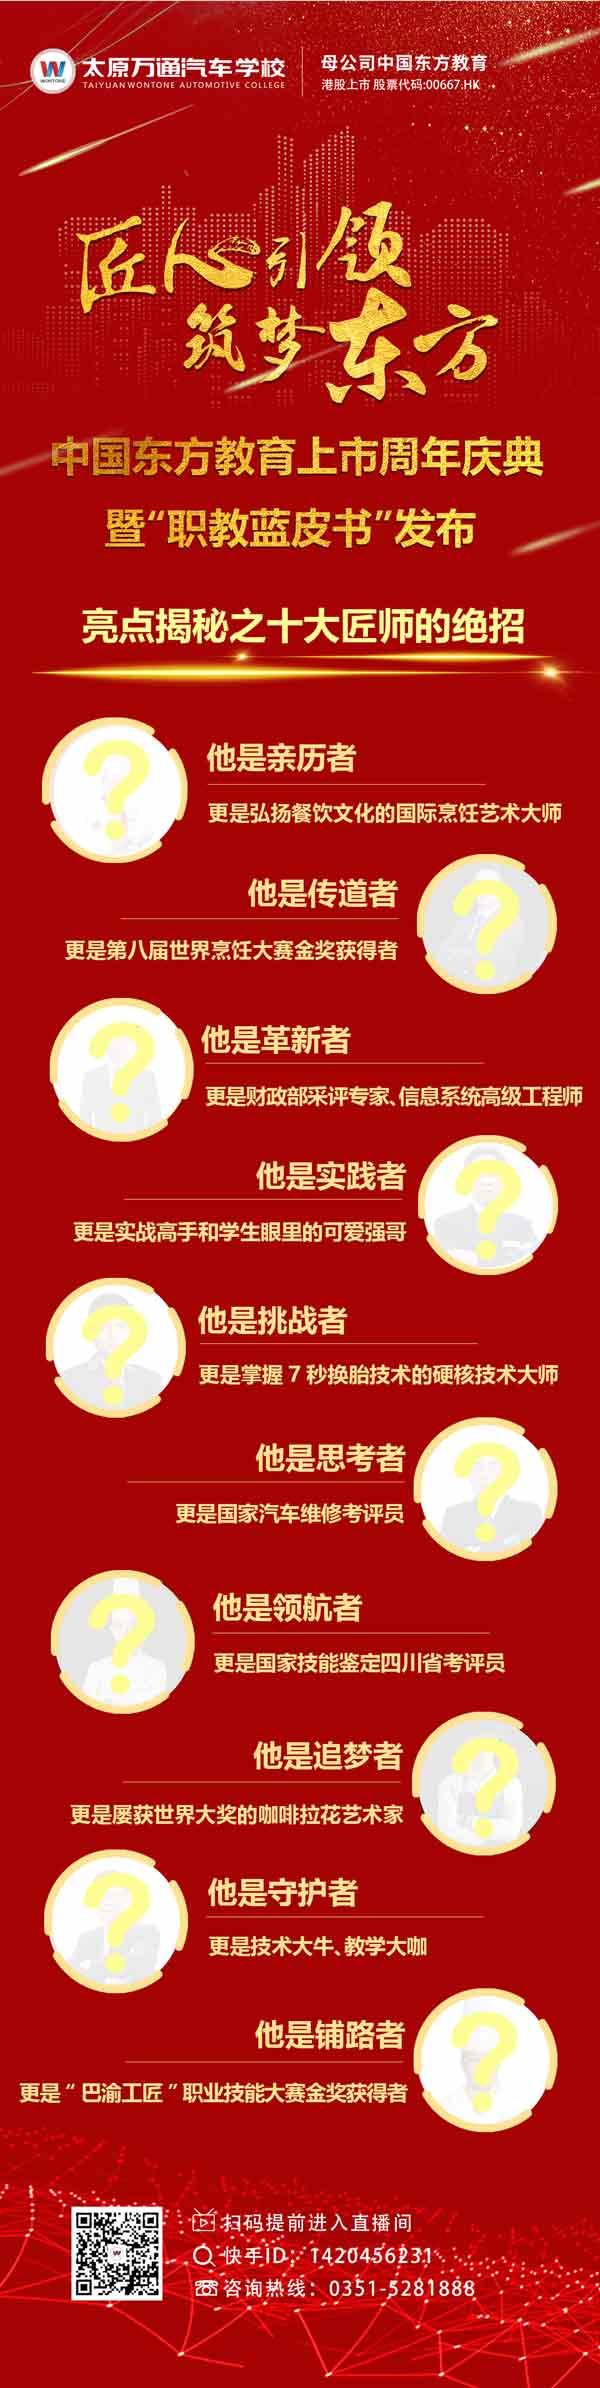 中国东方教育上市周年庆典_万通汽车学校